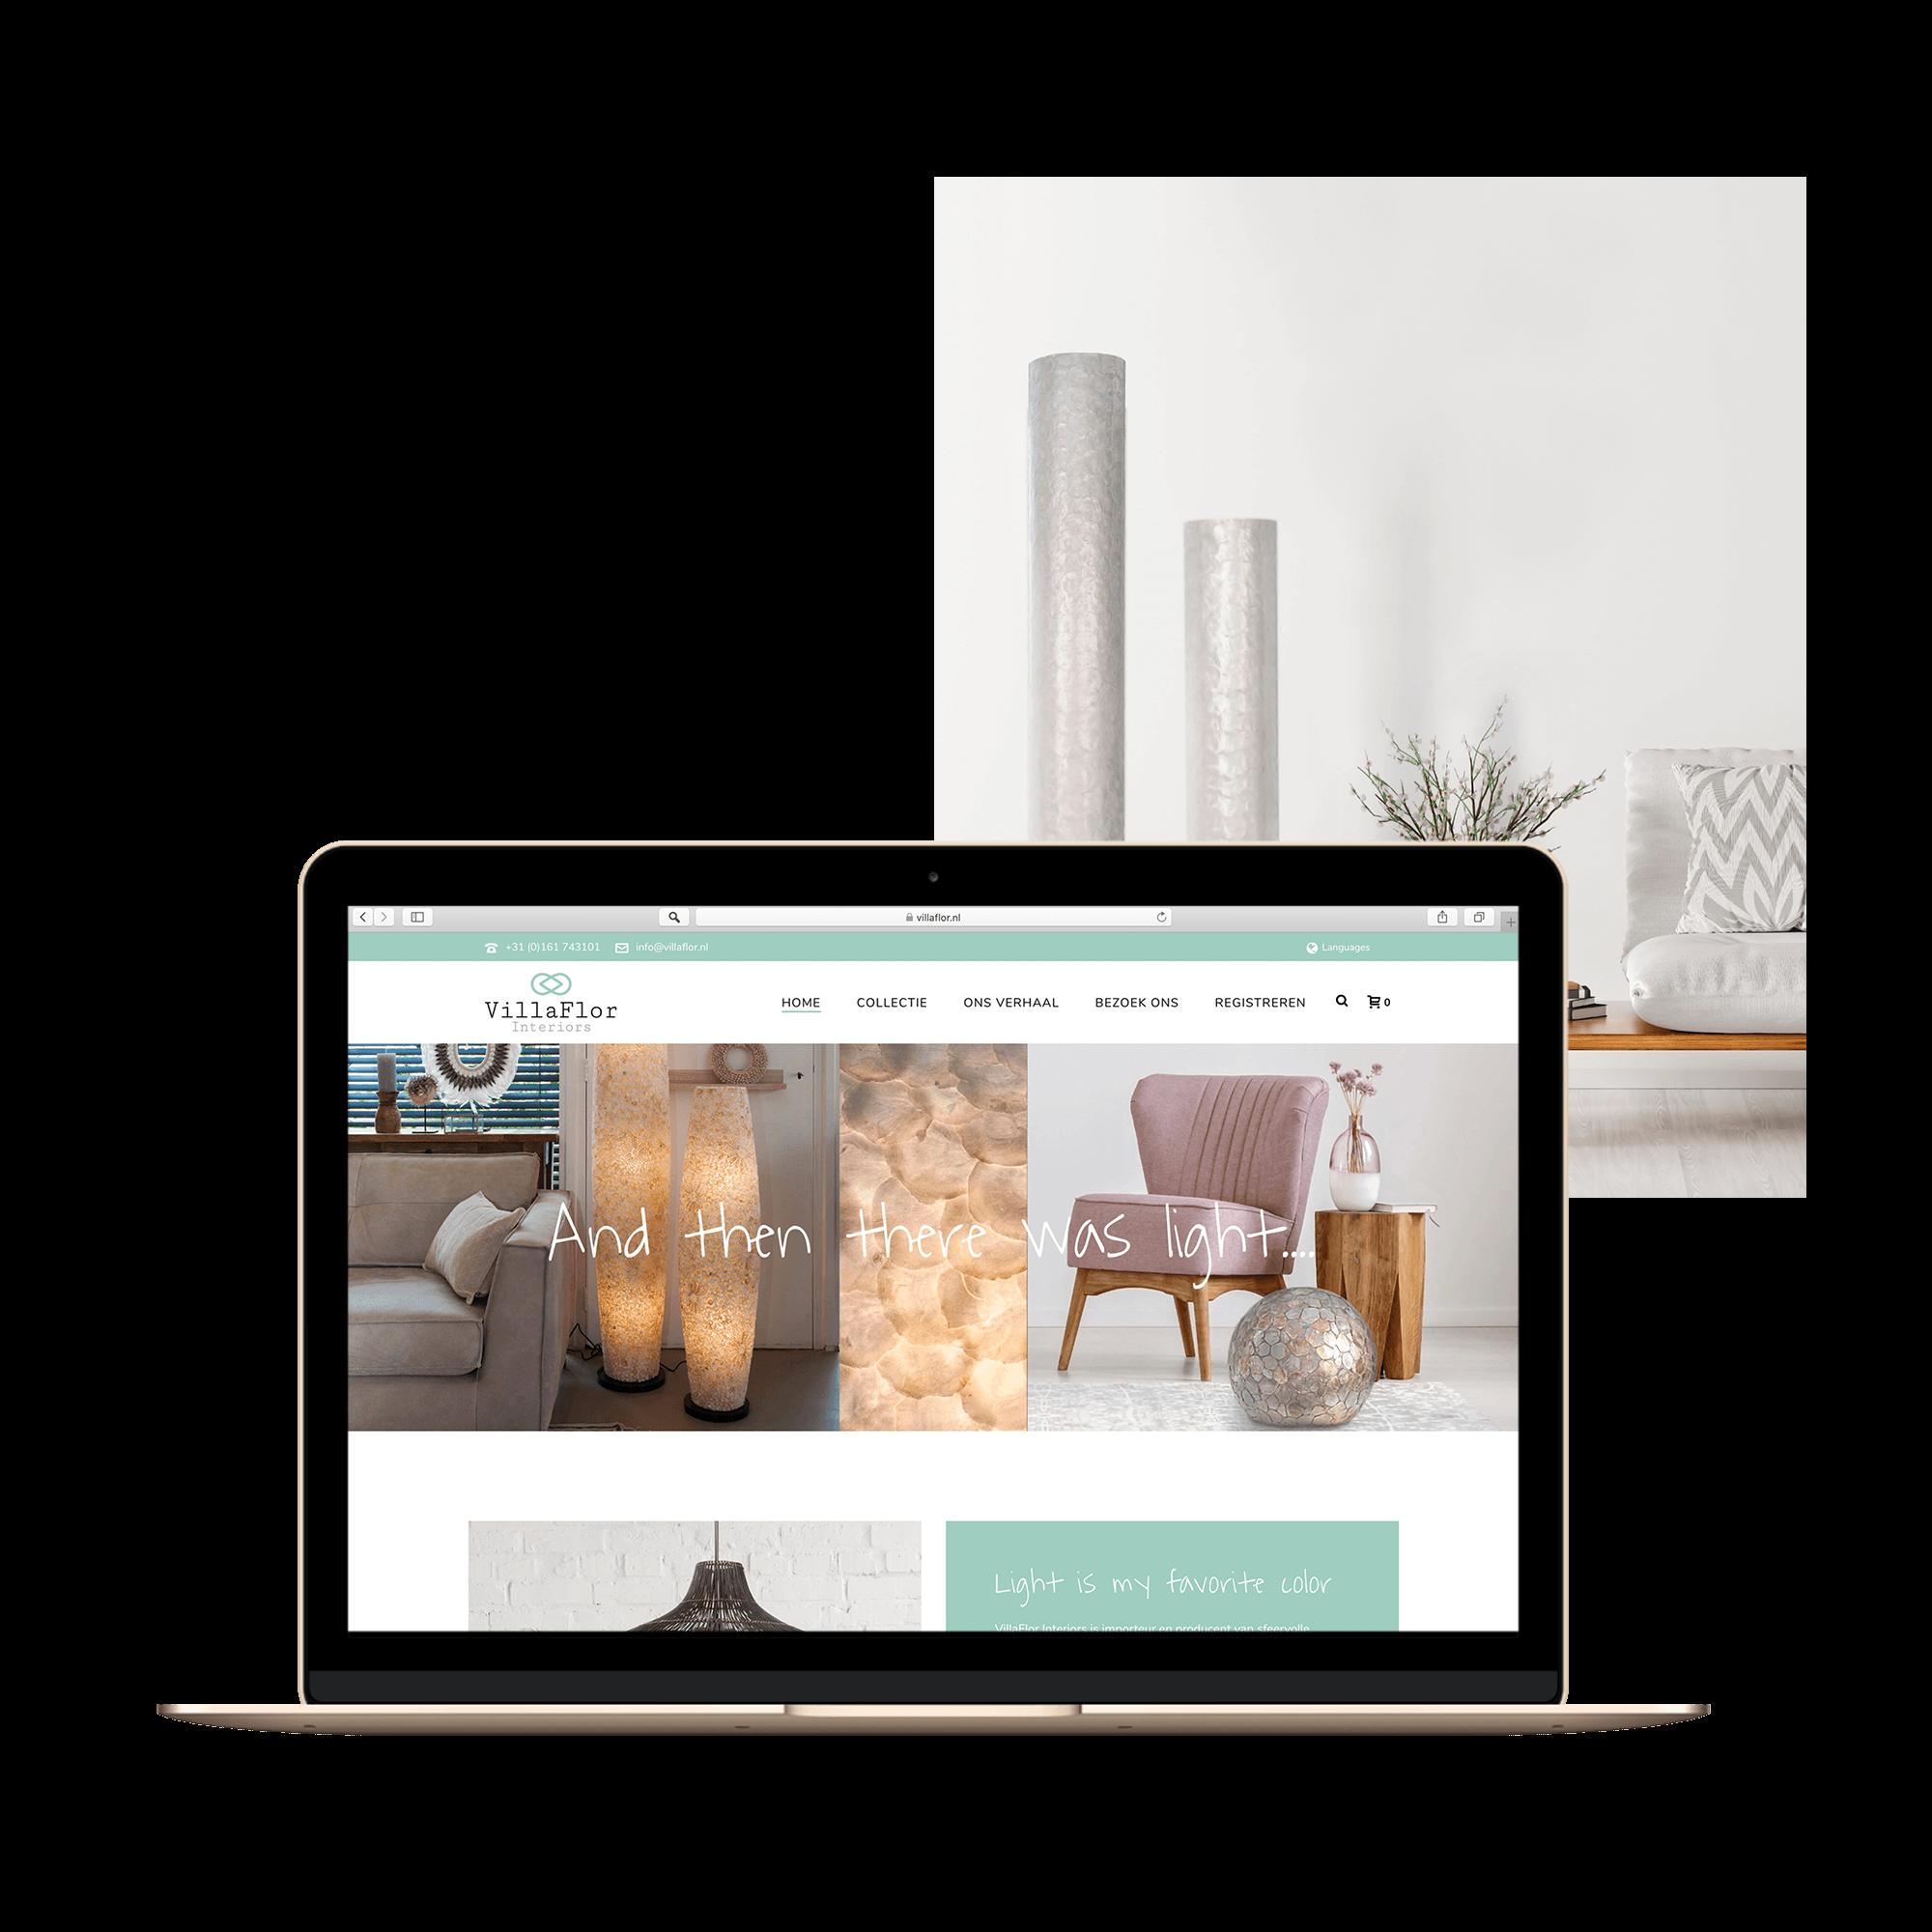 villaflor-website-styling